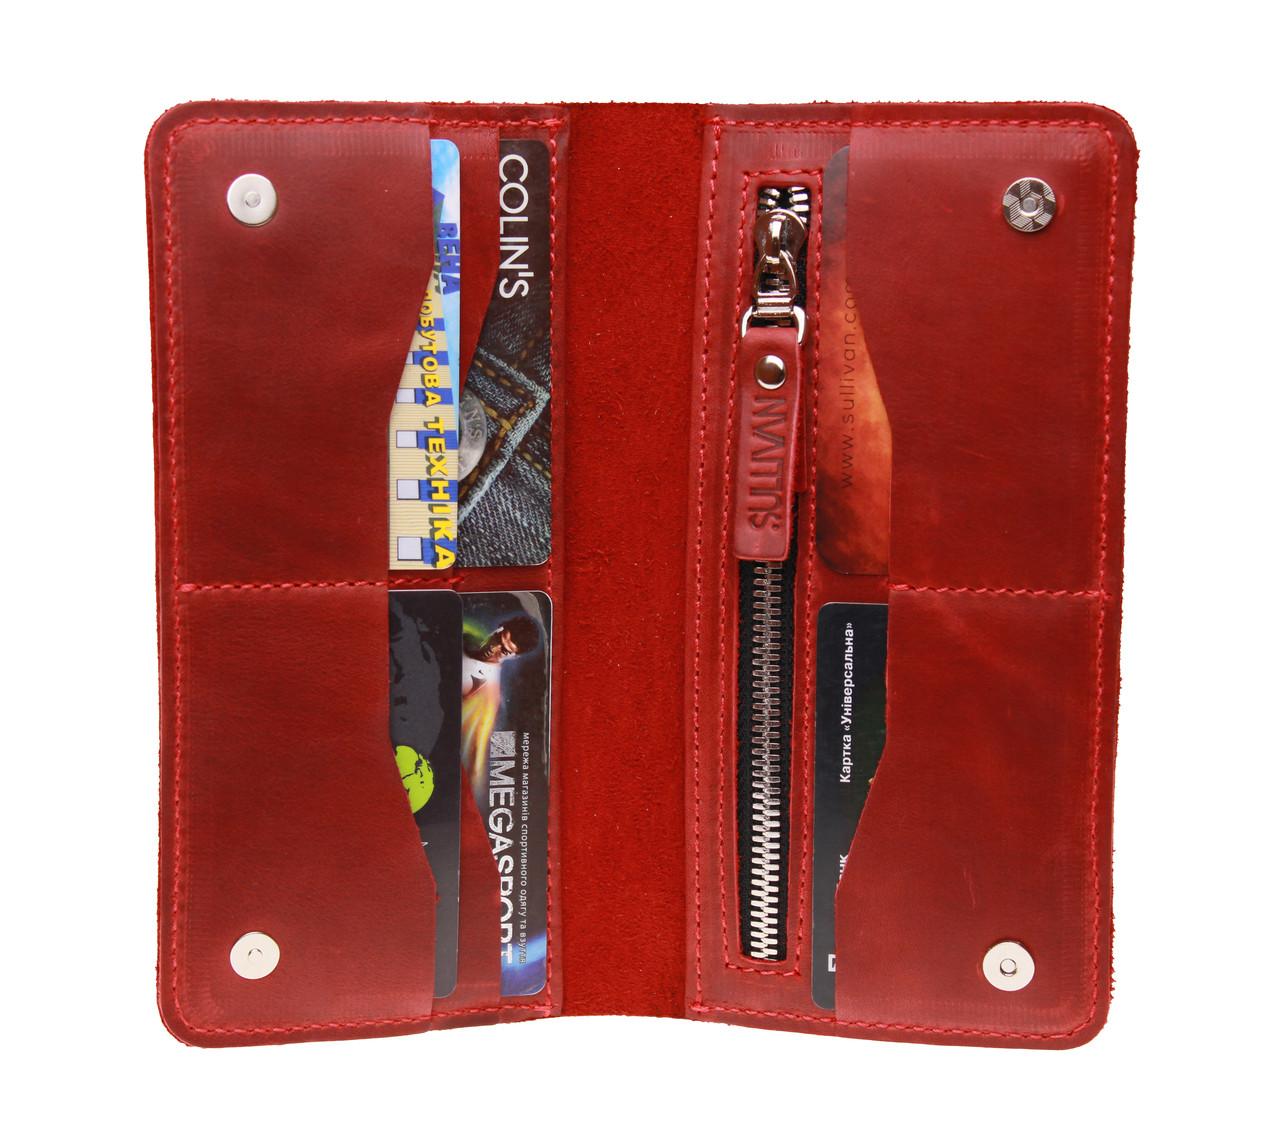 Кошелек женский кожаный большой SULLIVAN kgb60(10) красный